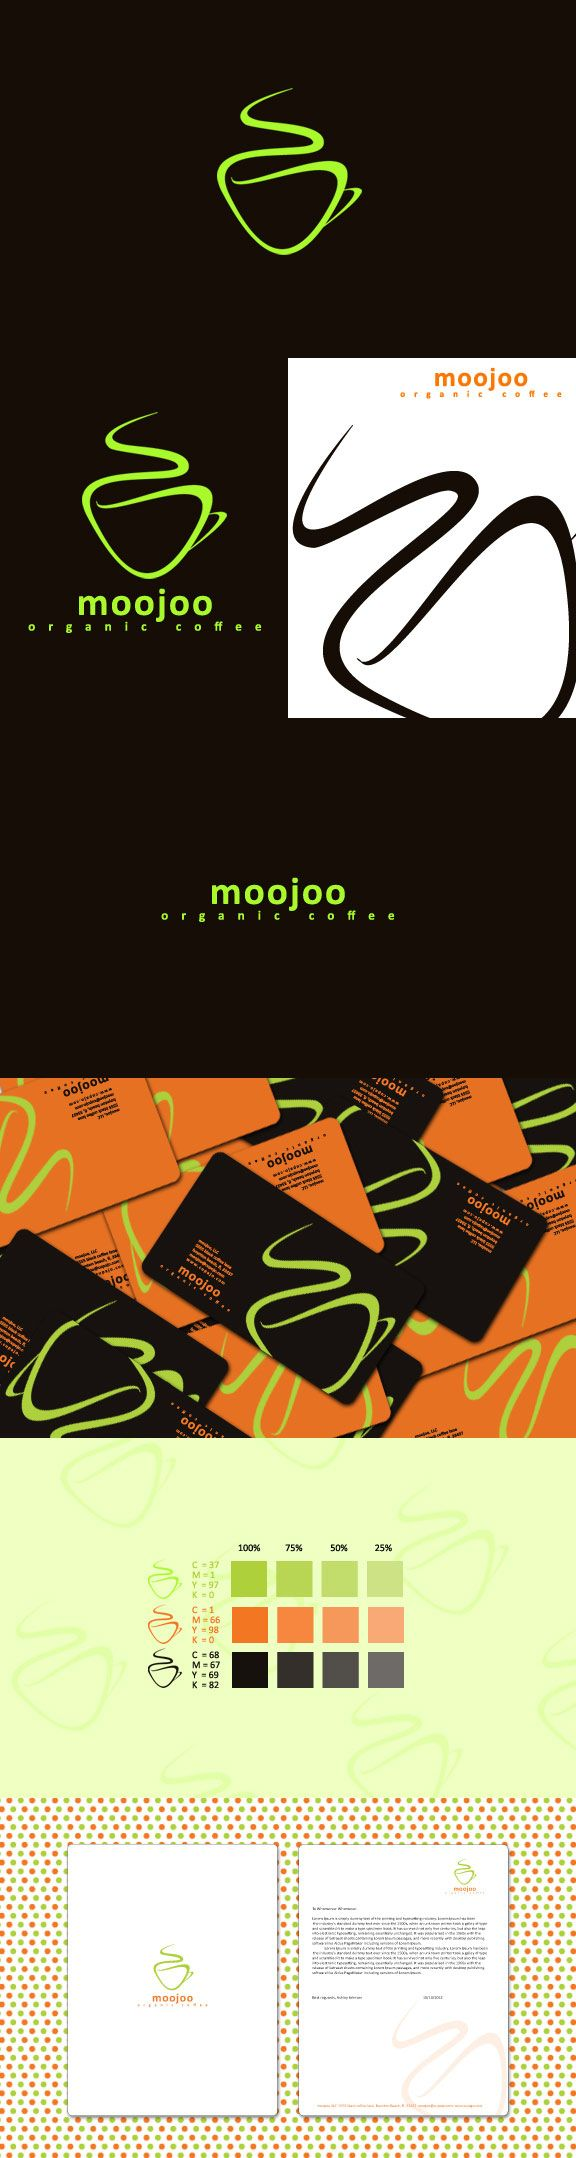 moojoo organic coffee http://www.behance.net/gallery/Moojoo-Organic-Coffee-Brand-Identity/2705185